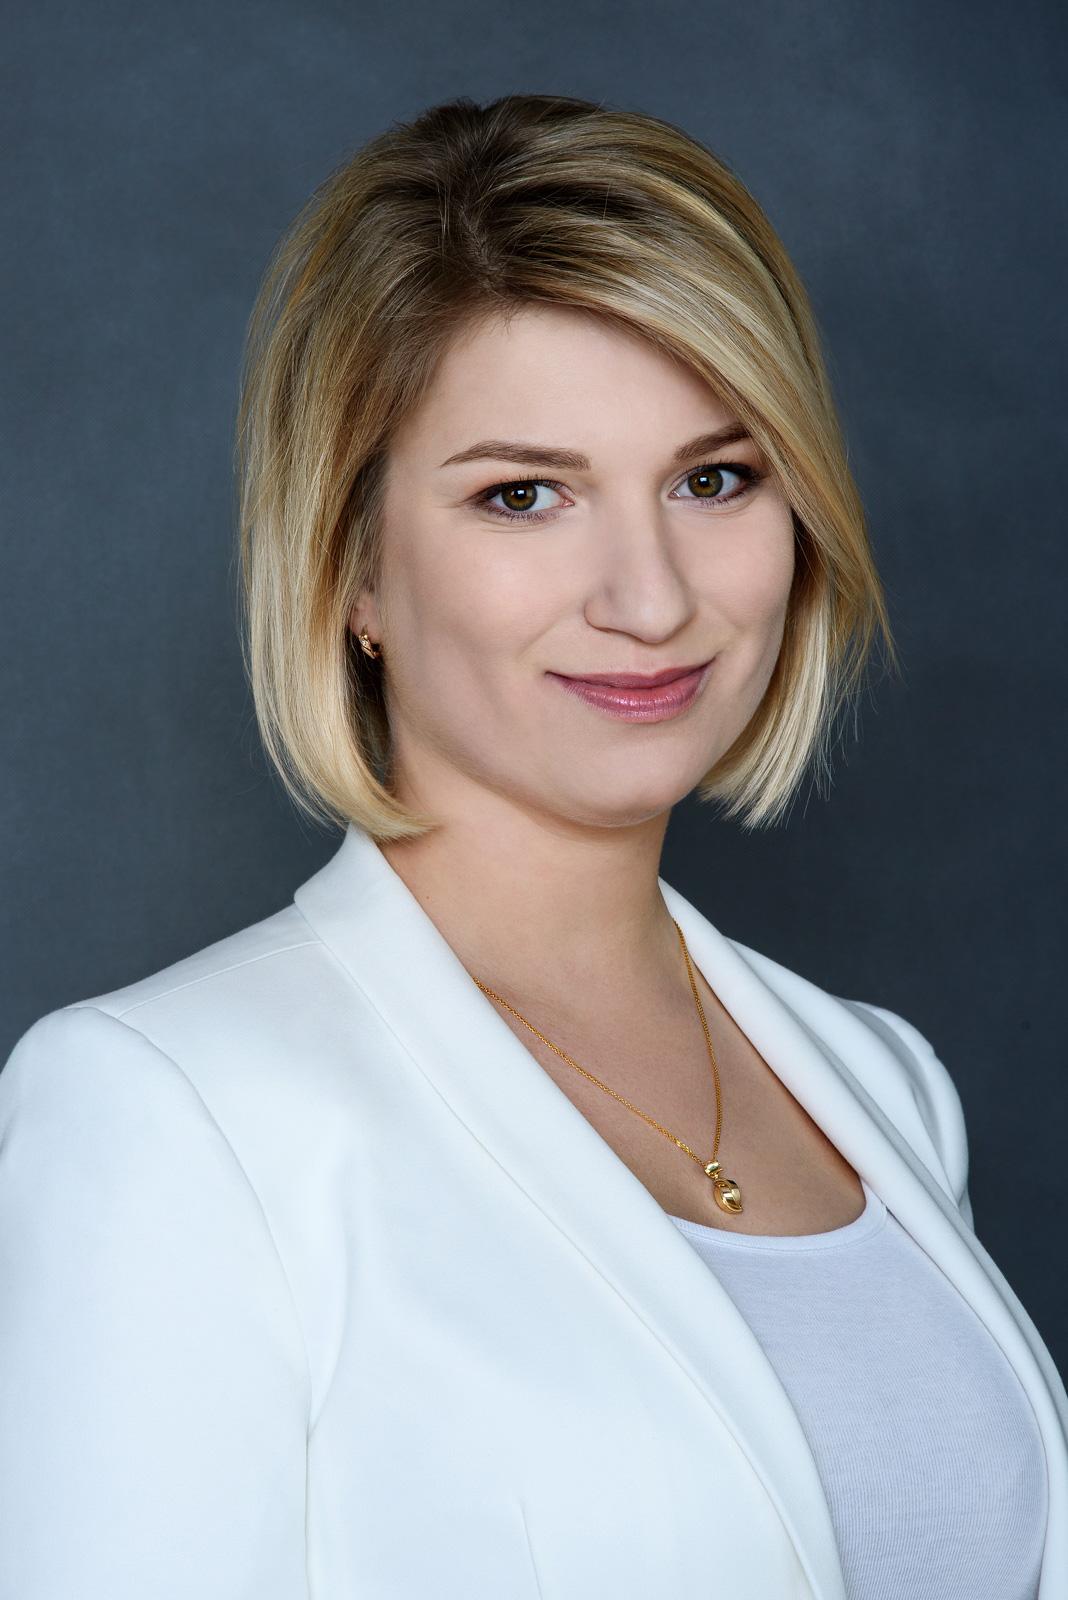 Małgorzata Szemro